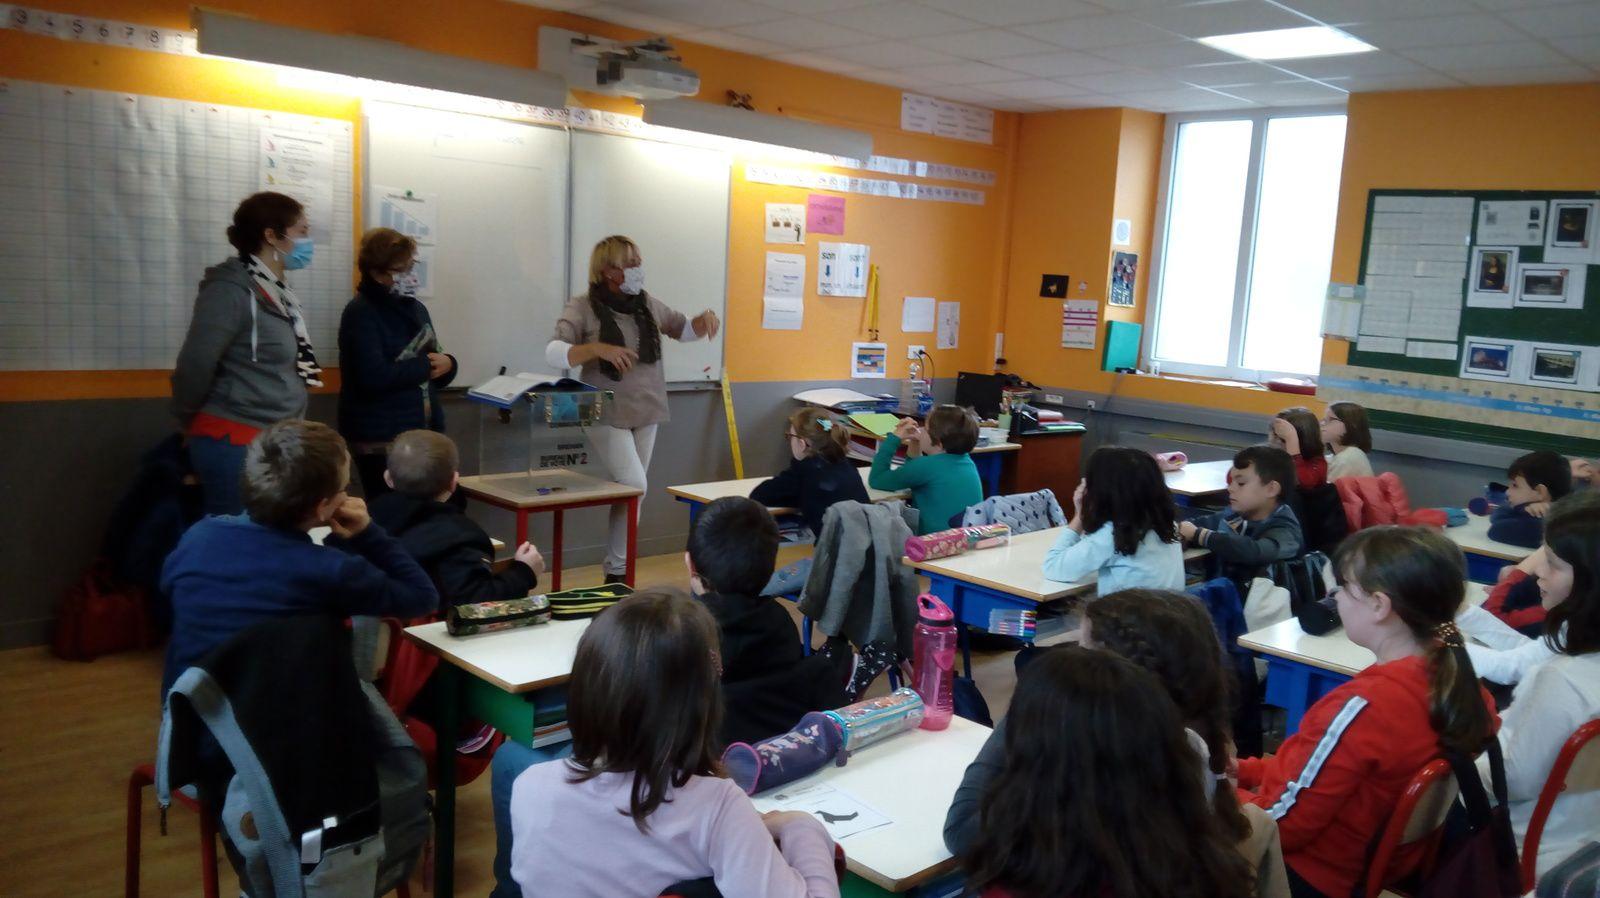 3 conseillères municipales expliquent aux élèves de CM1 et CM2 la mise en place  du conseil municipal des jeunes de Bréhan